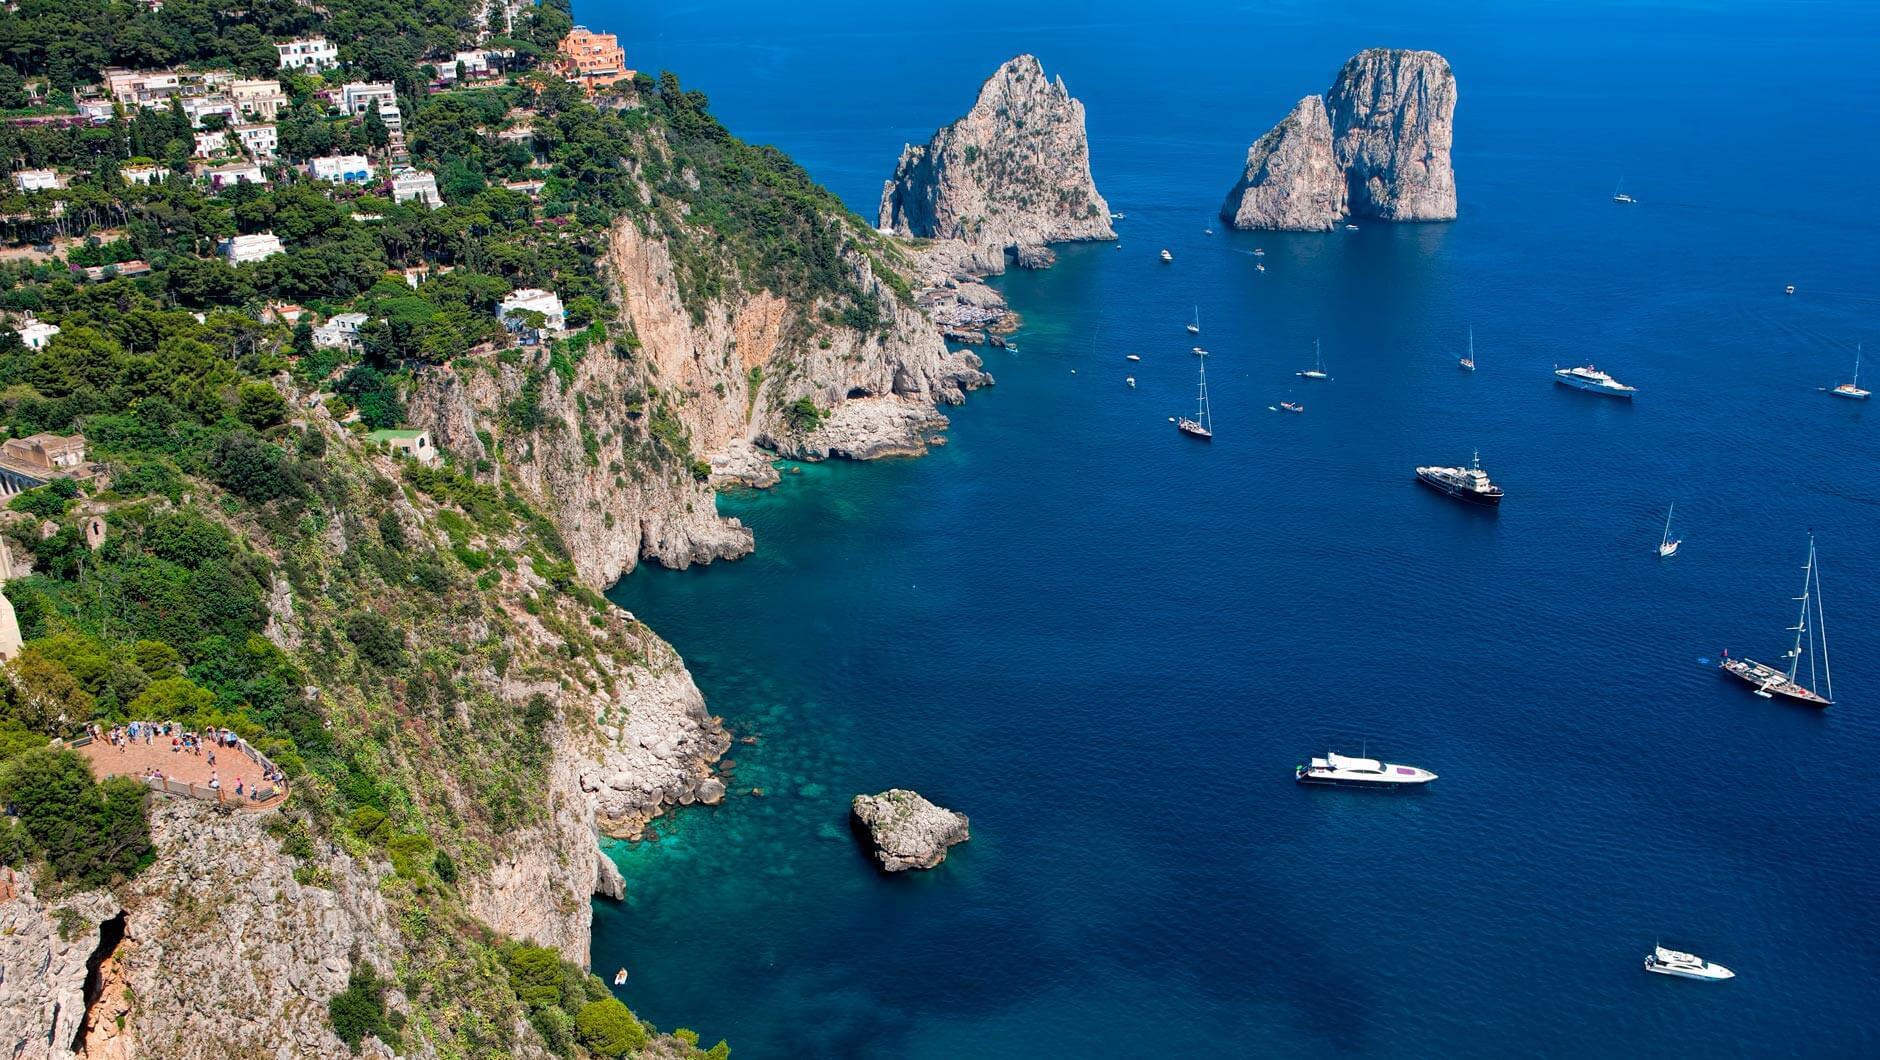 Capri boat excursions